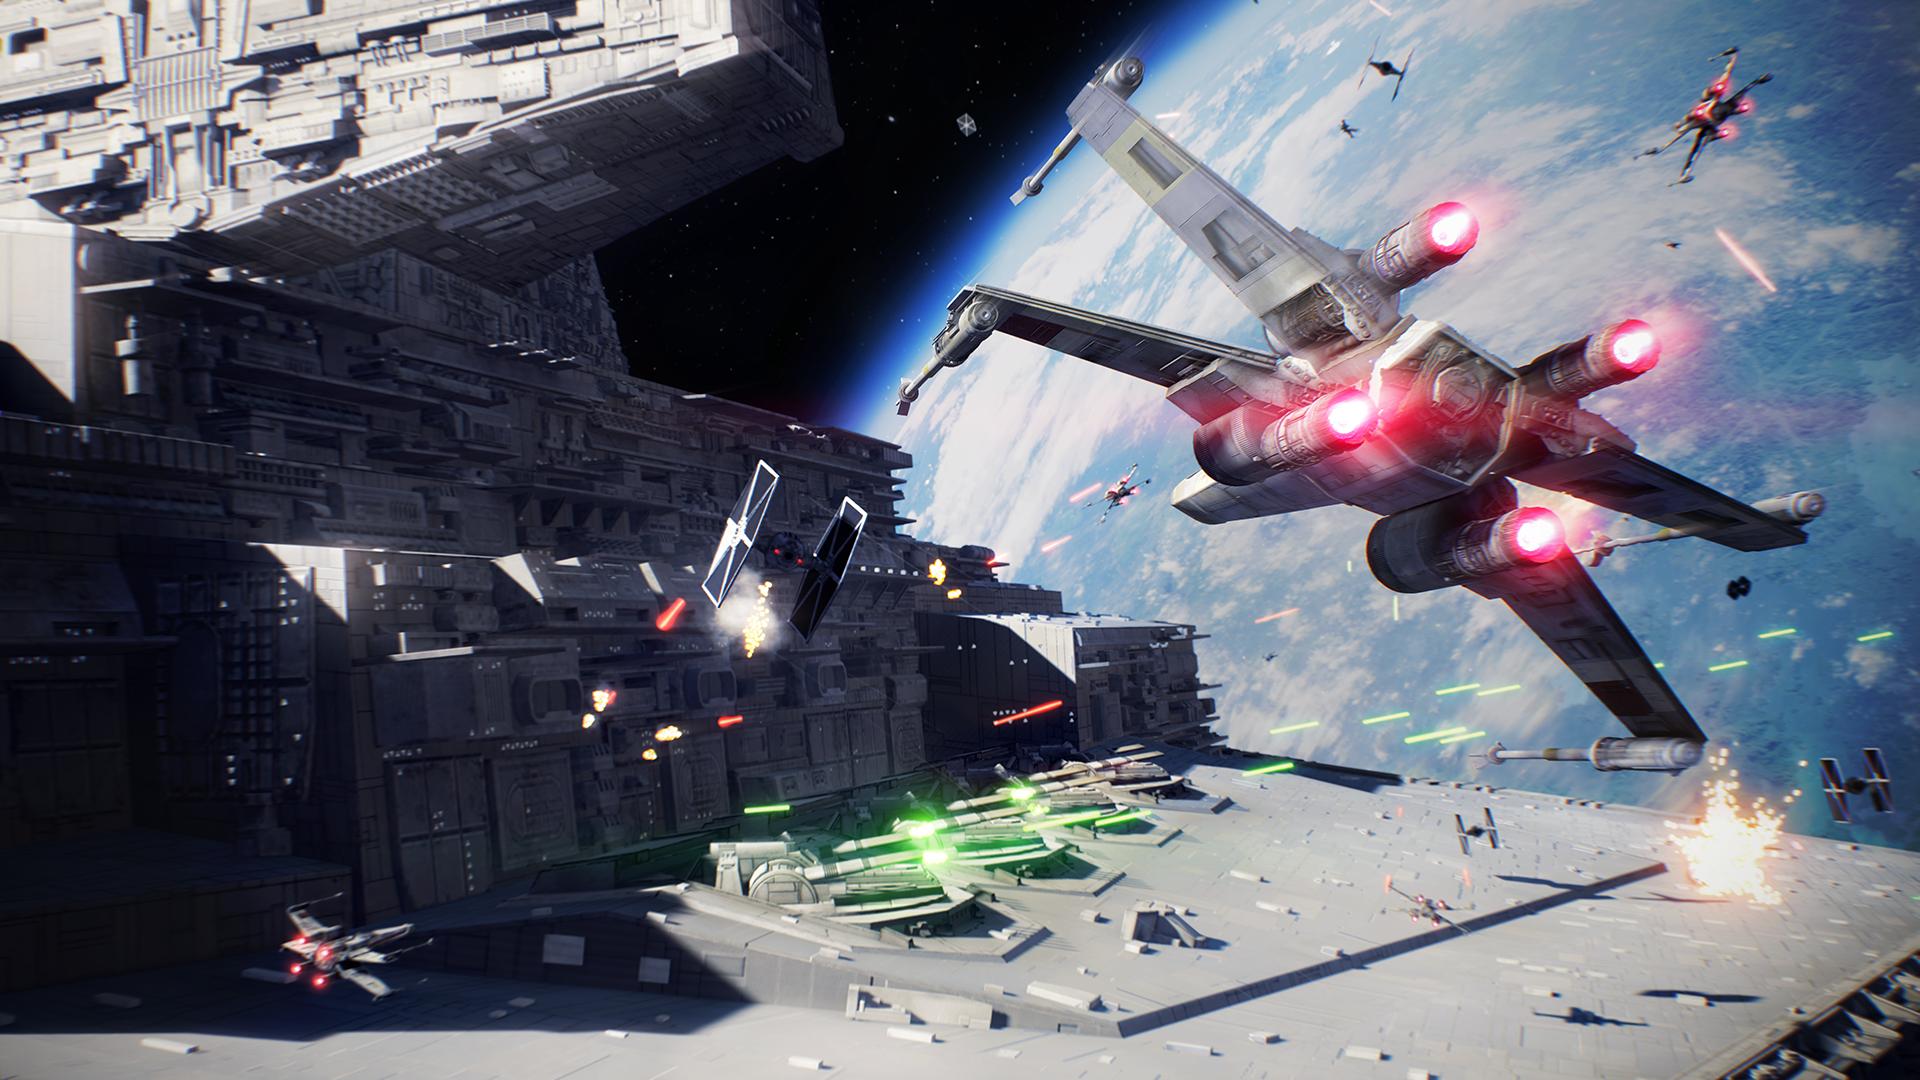 Star Wars Battlefront 2 - X-wing assault